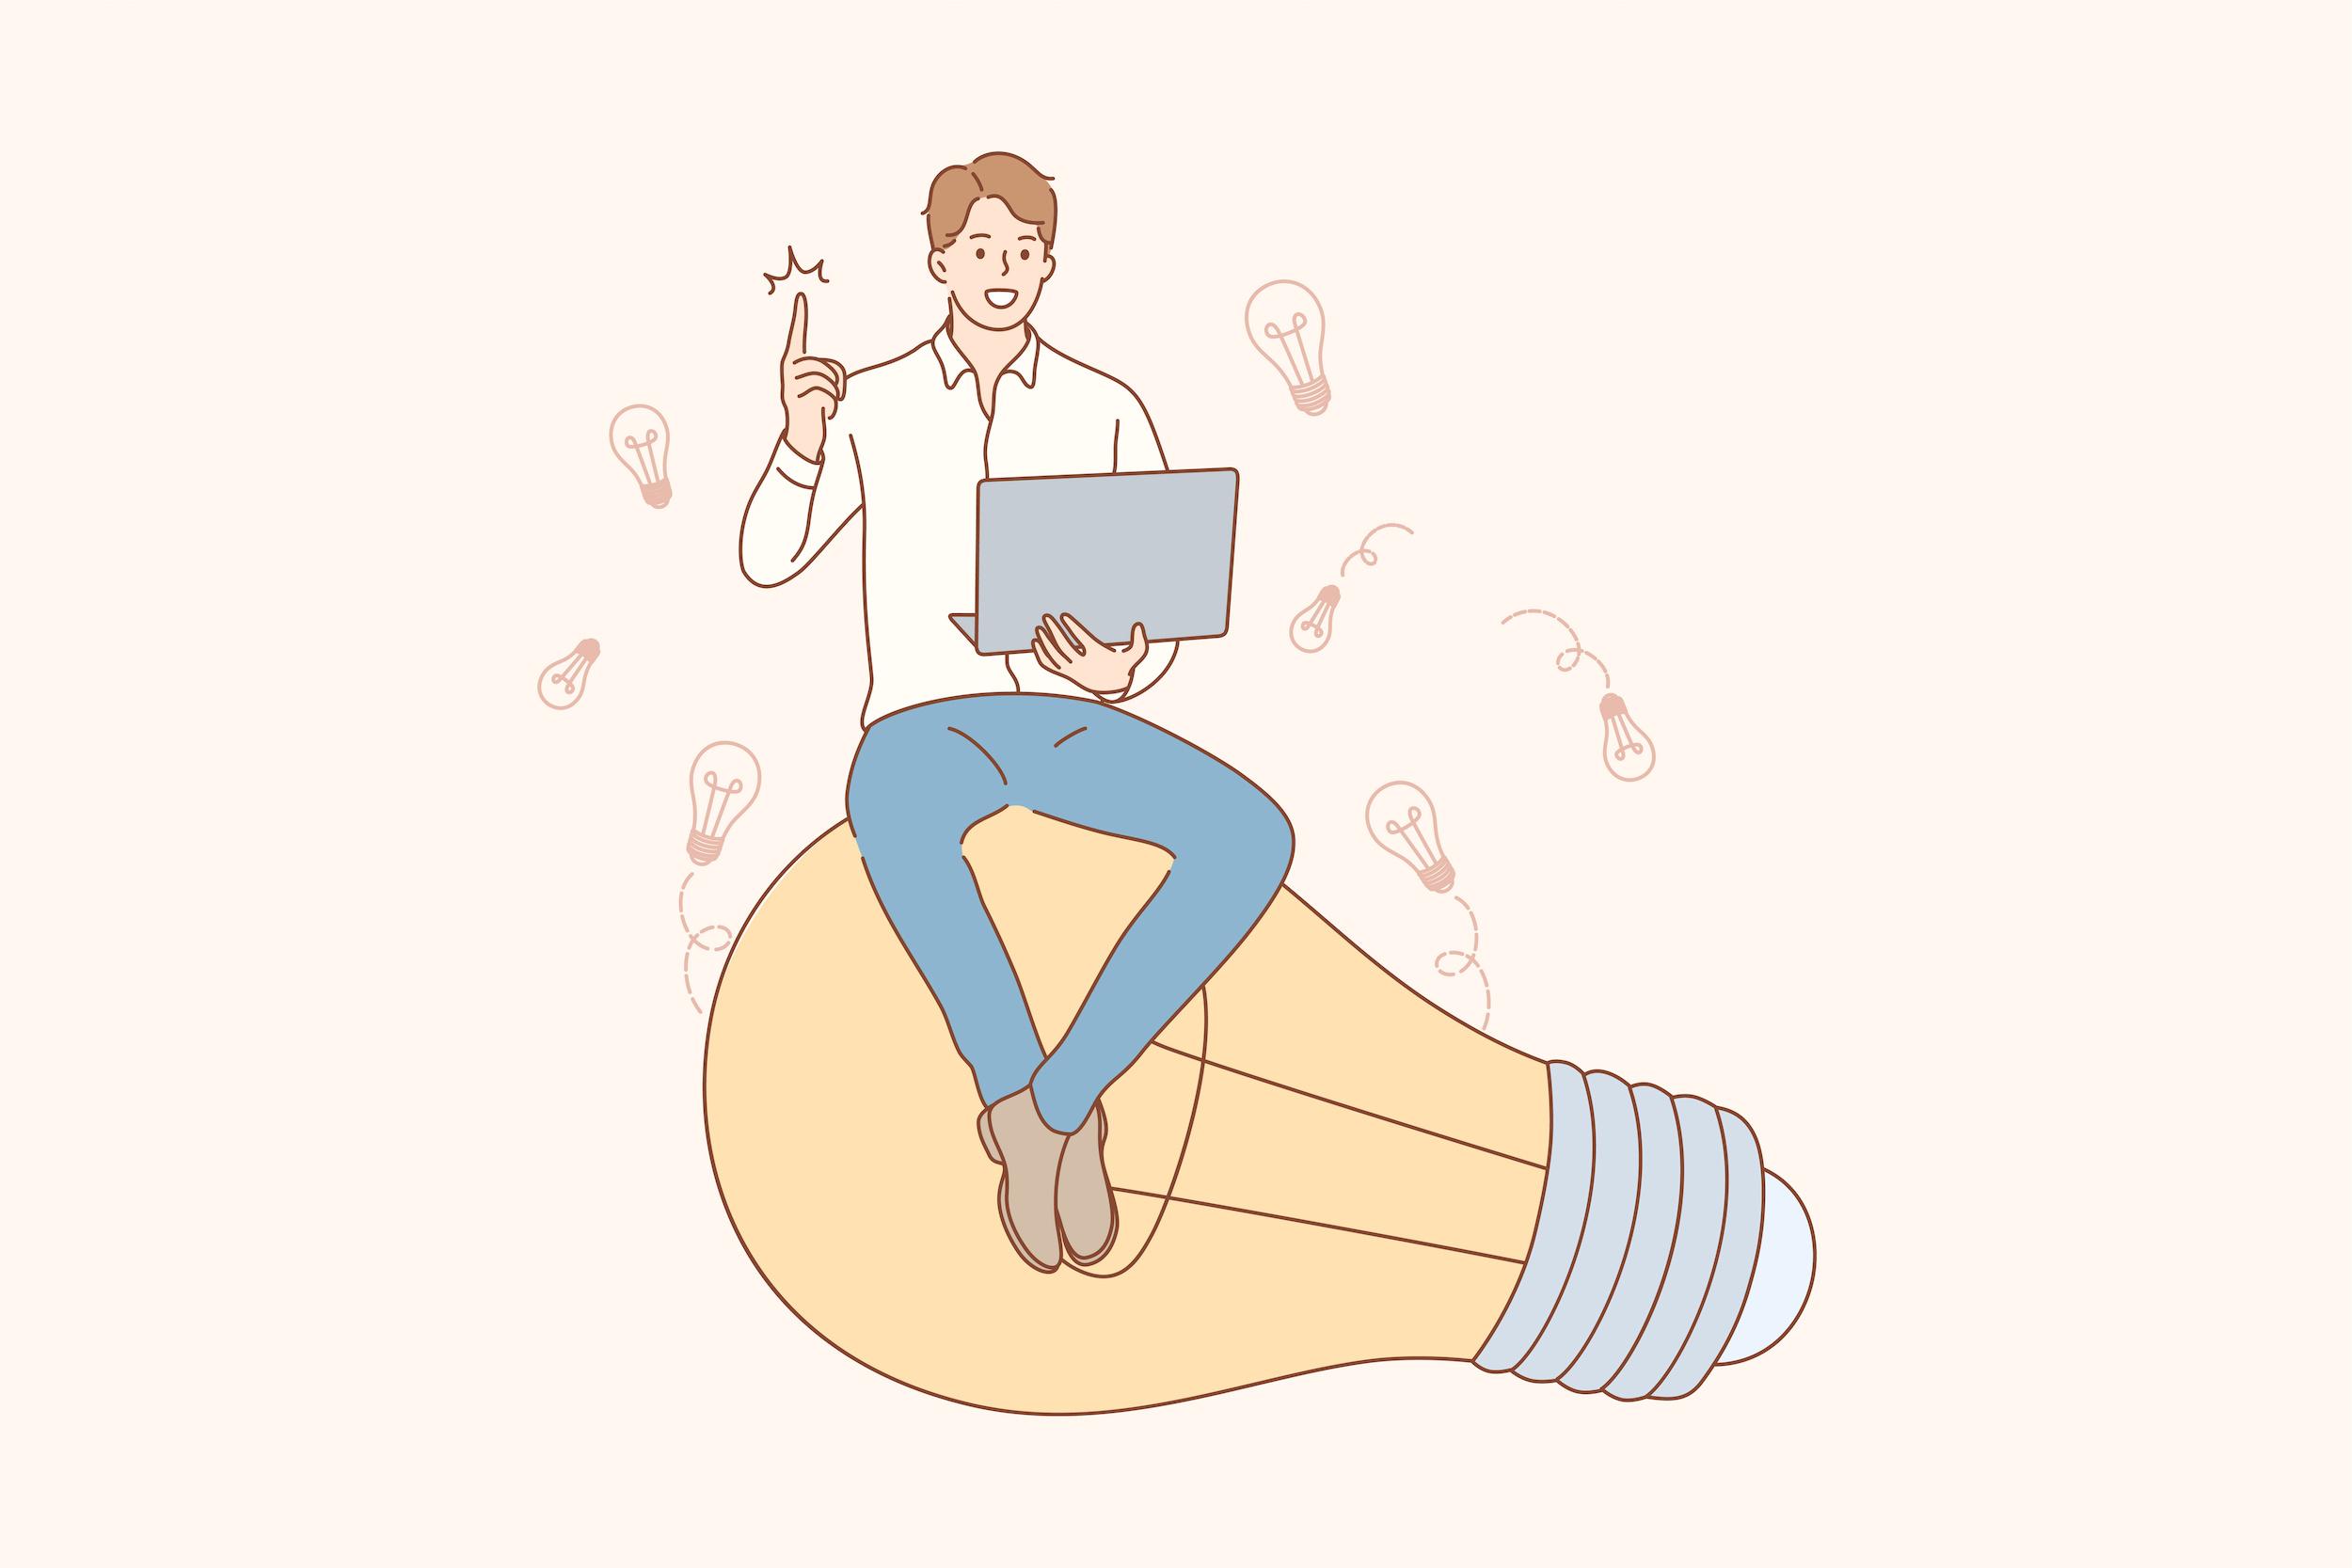 顧客満足度で差が出るFAQサイトの特長と作成方法、ポイントを徹底解説